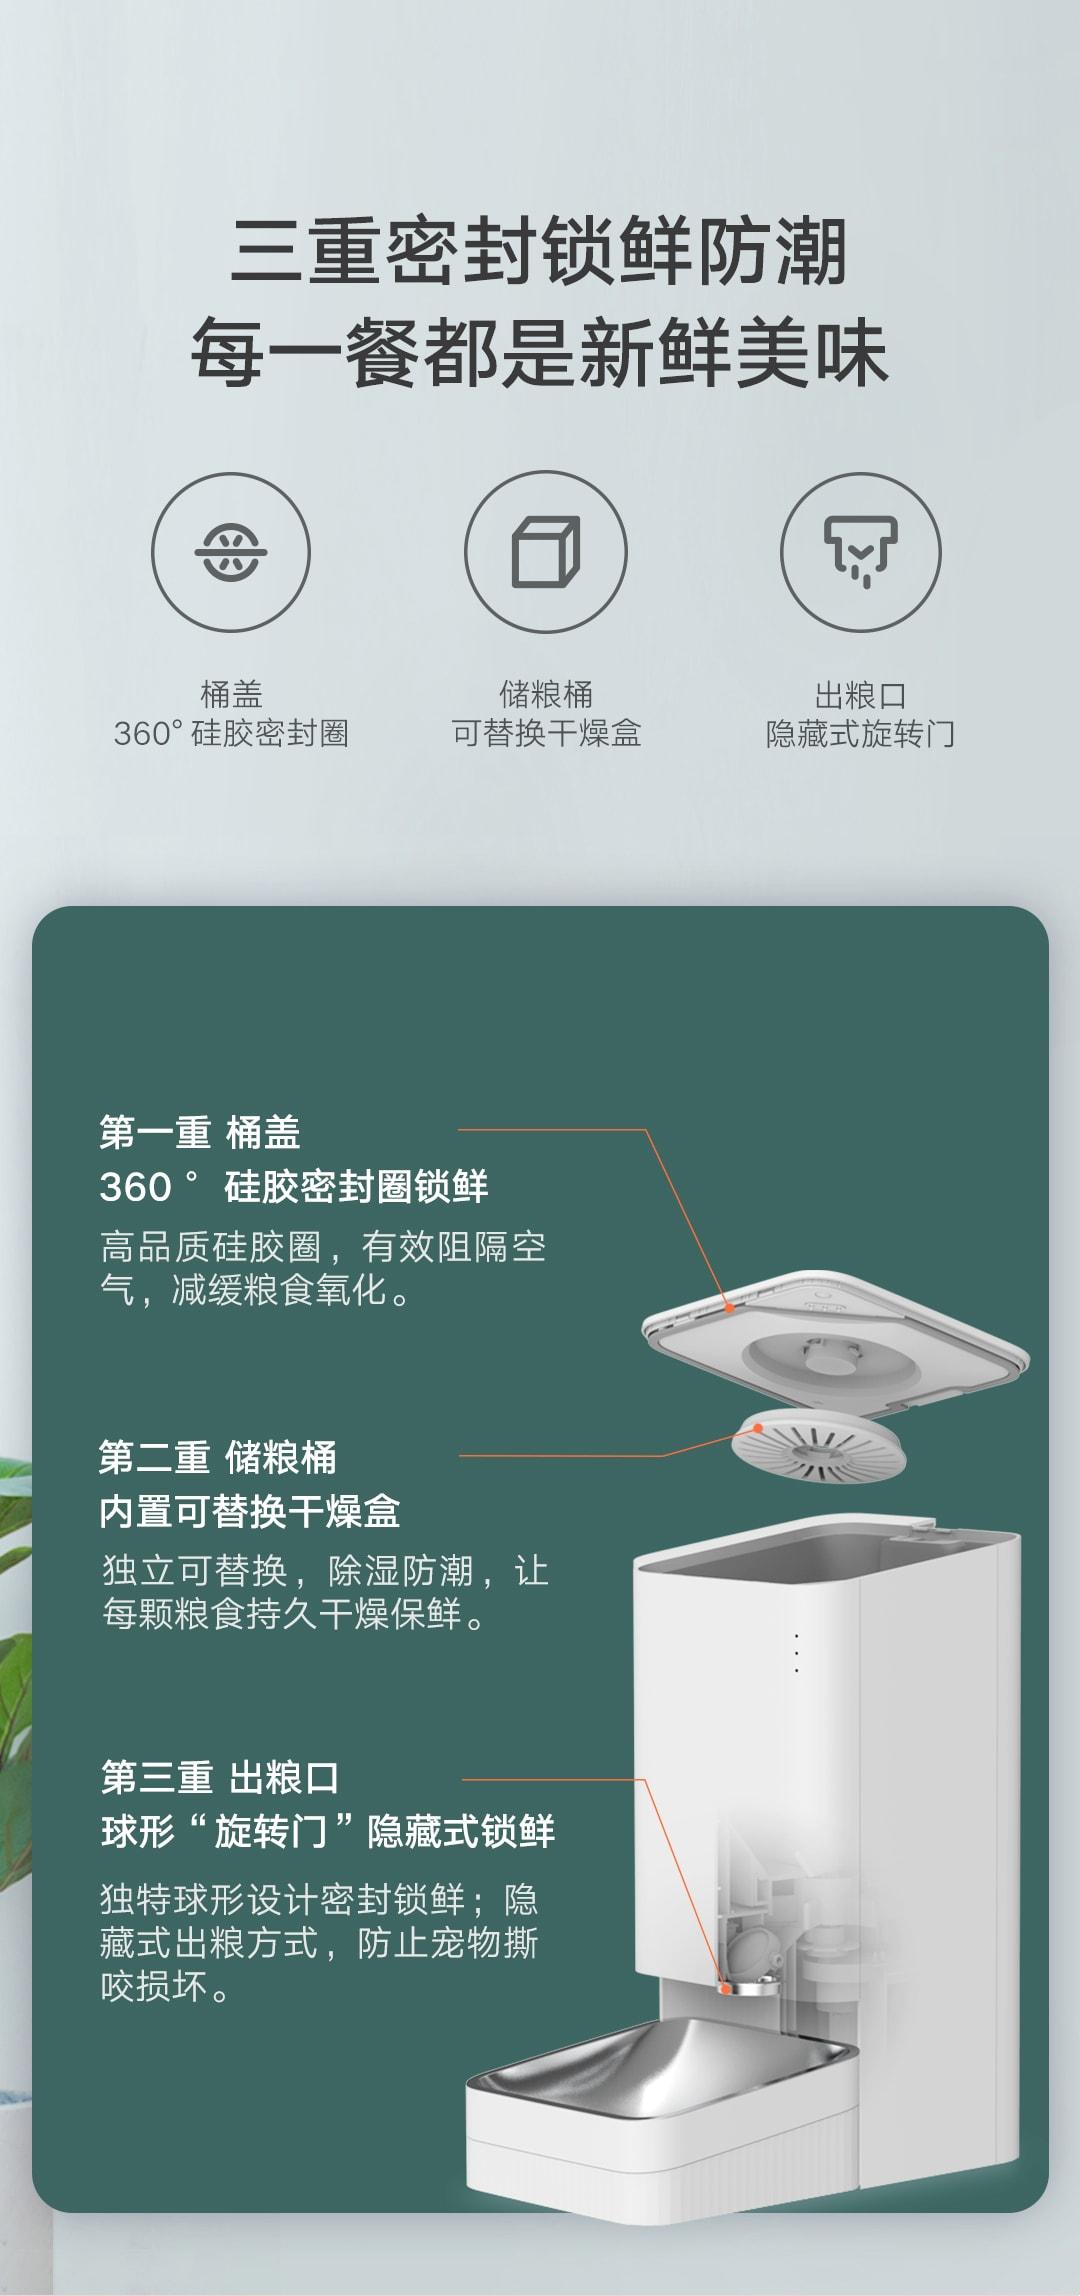 Xiaomi lanza su primer dispensador de comida para perros y gatos. ¡Este es el dispensador que los usuarios de Mi Home esperábamos ver!